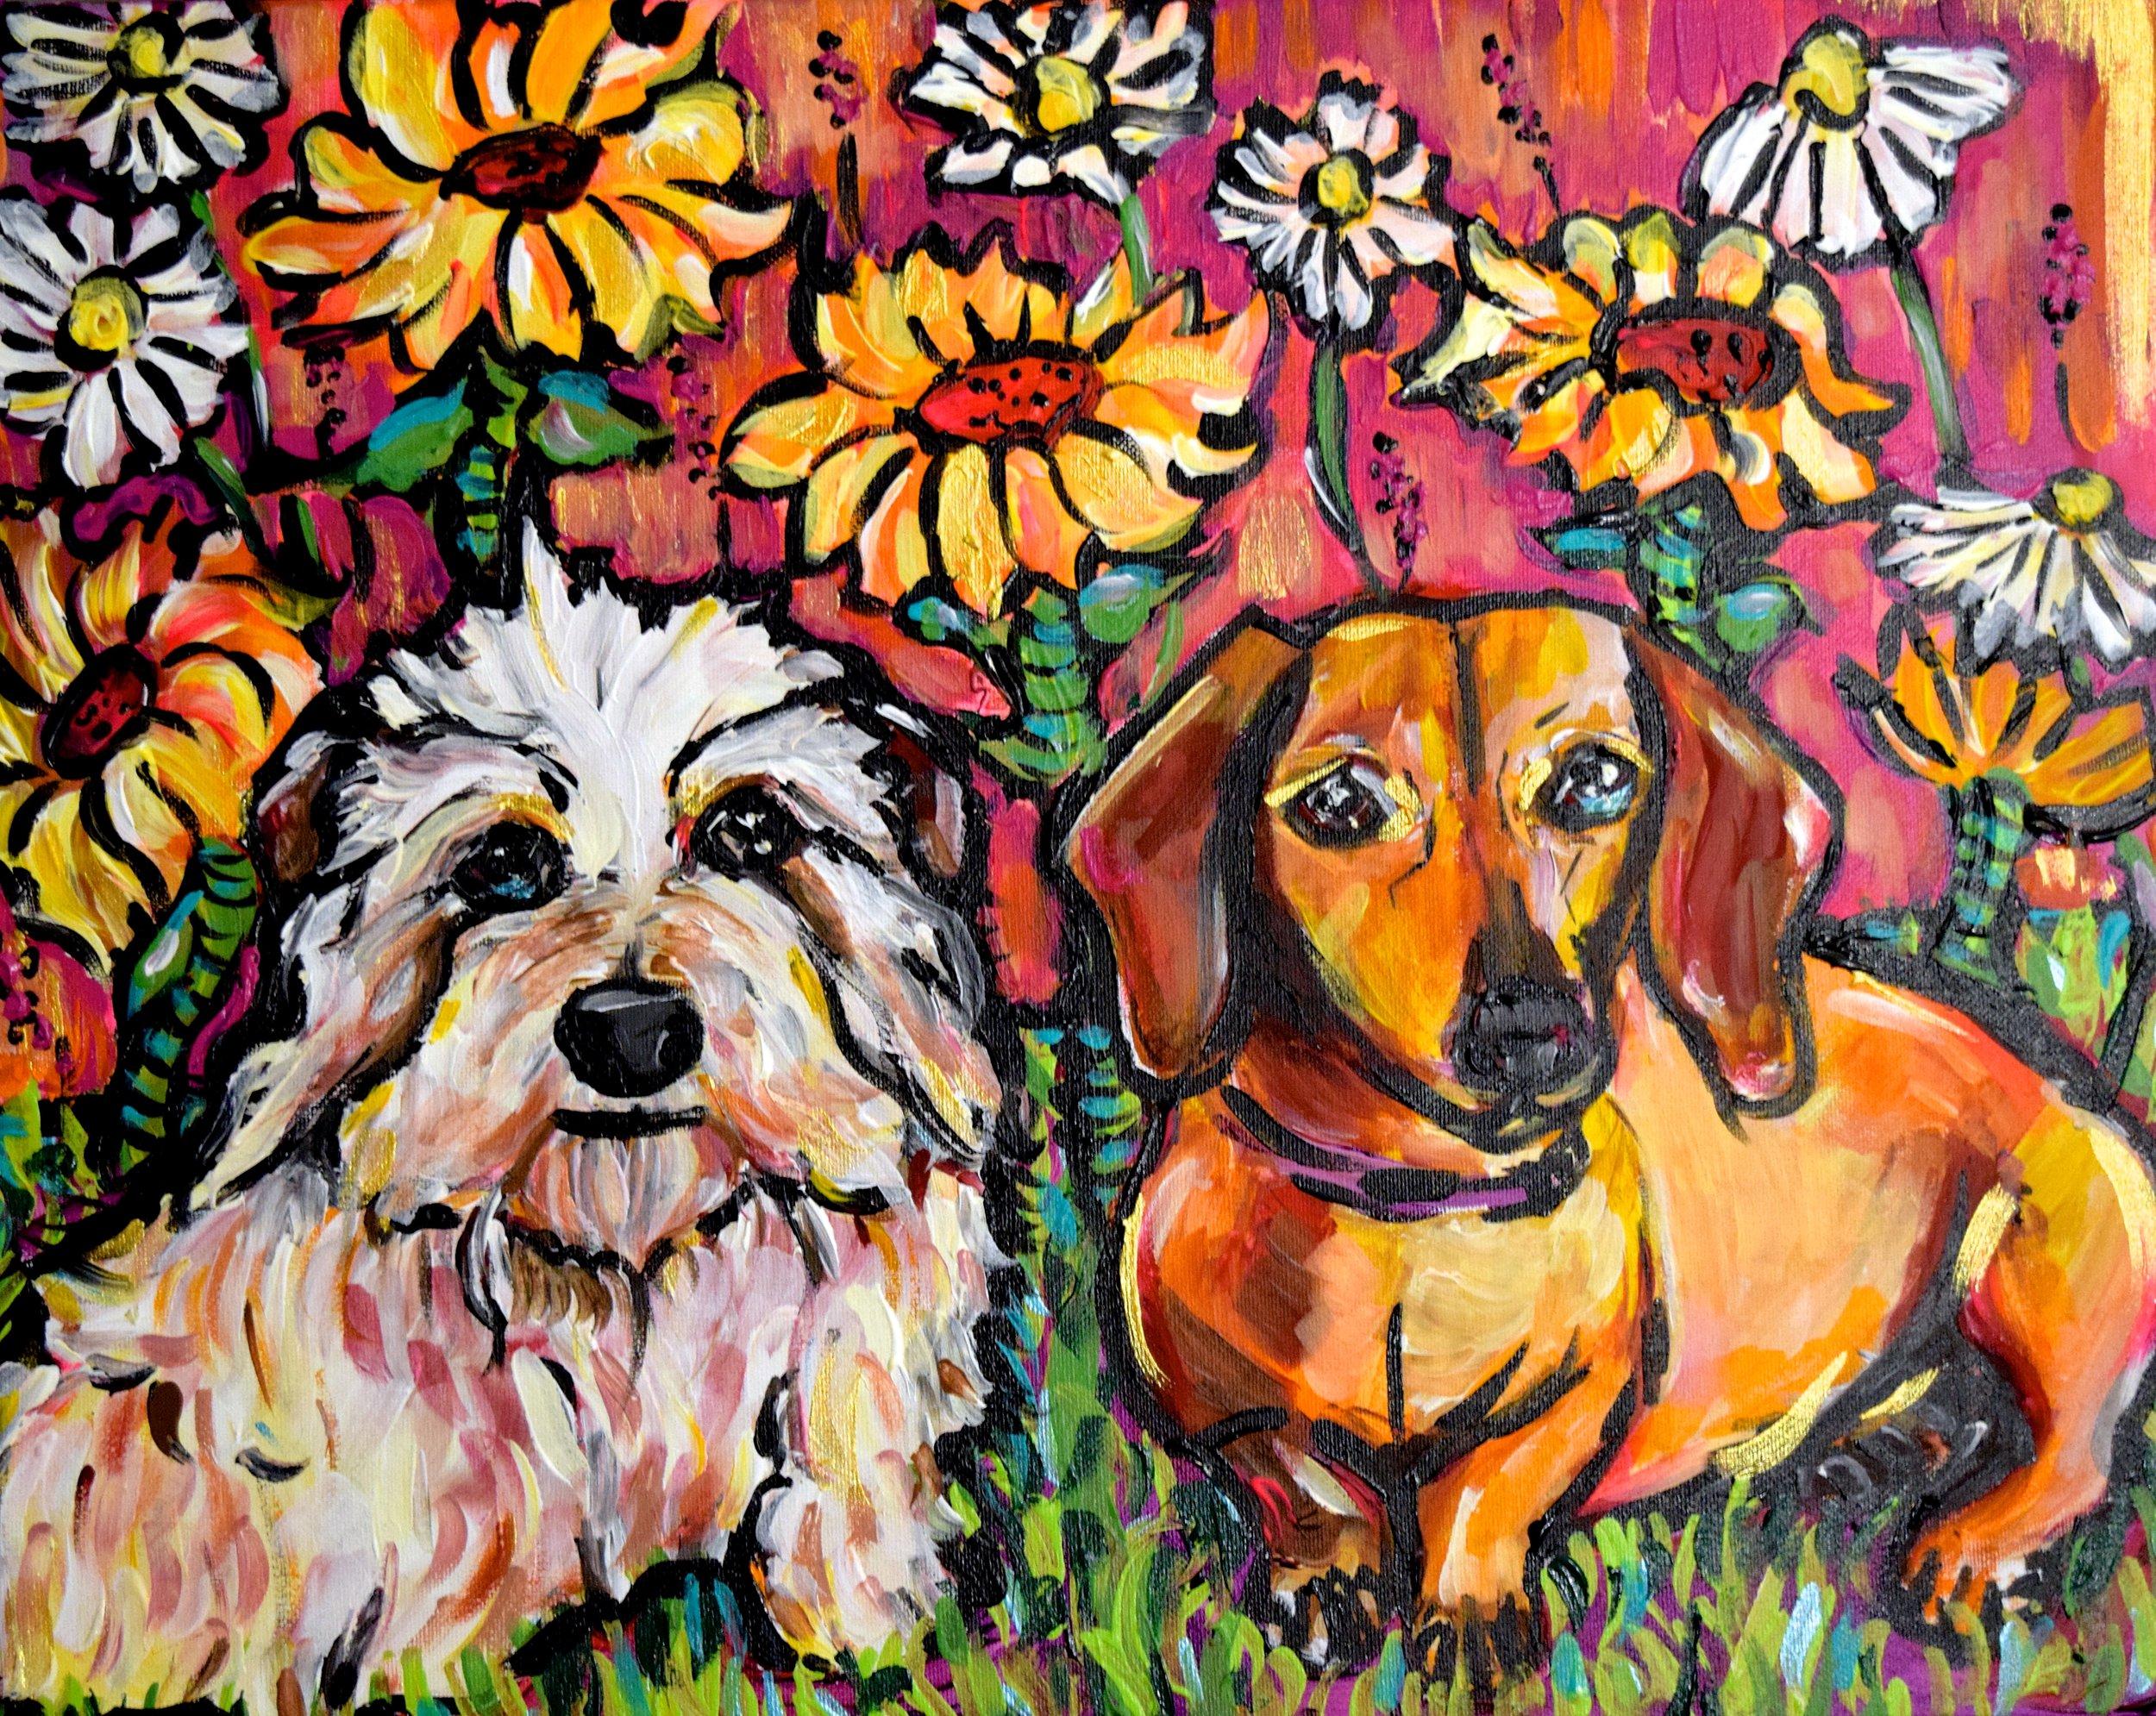 """Mickey and Daisy/ 16 x 20""""/ acrylic on canvas/ Nov 2017/ Sold"""